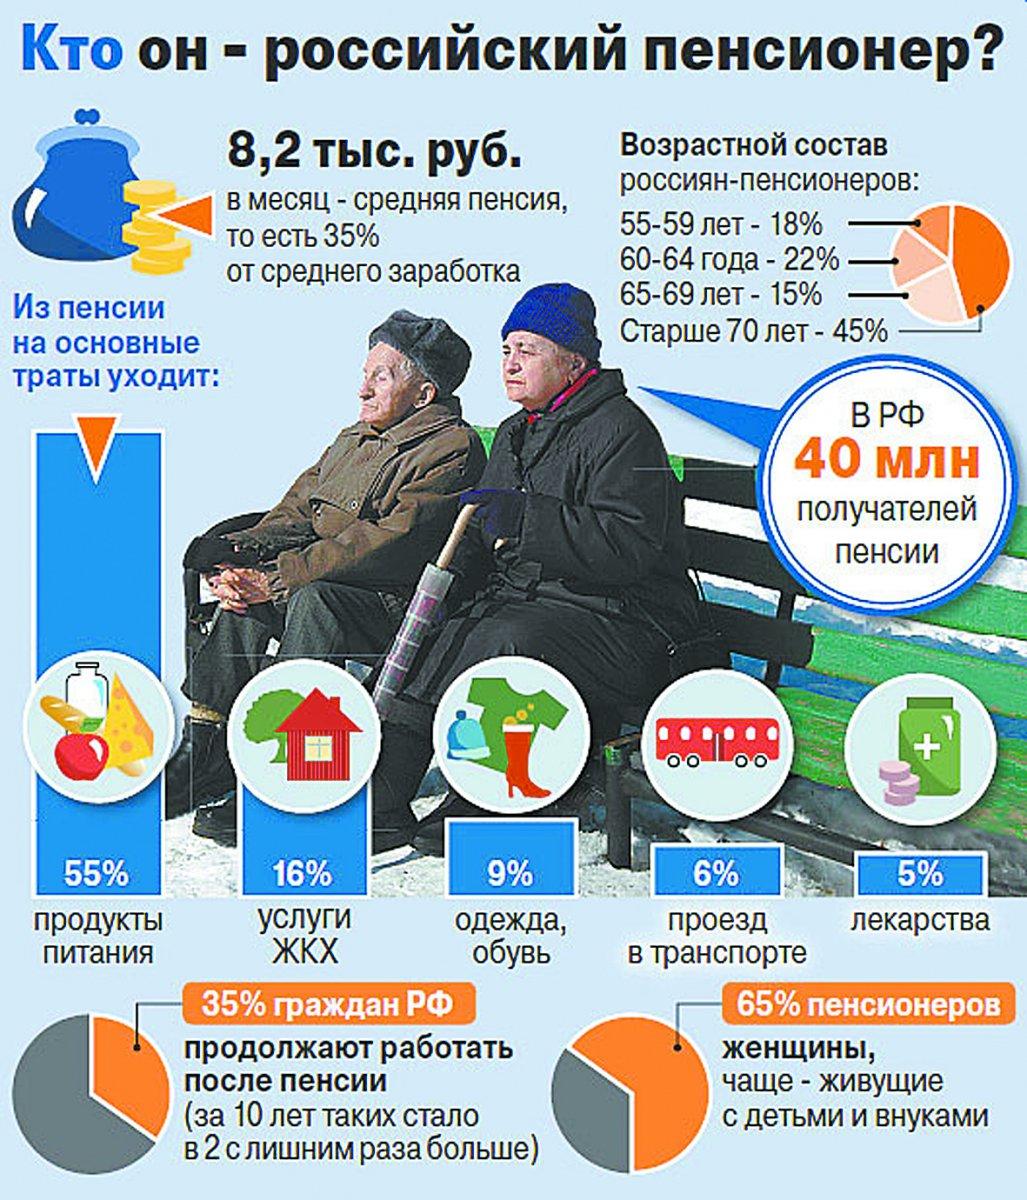 Пенсия в России: средний размер, низкая и максимальная пенсия